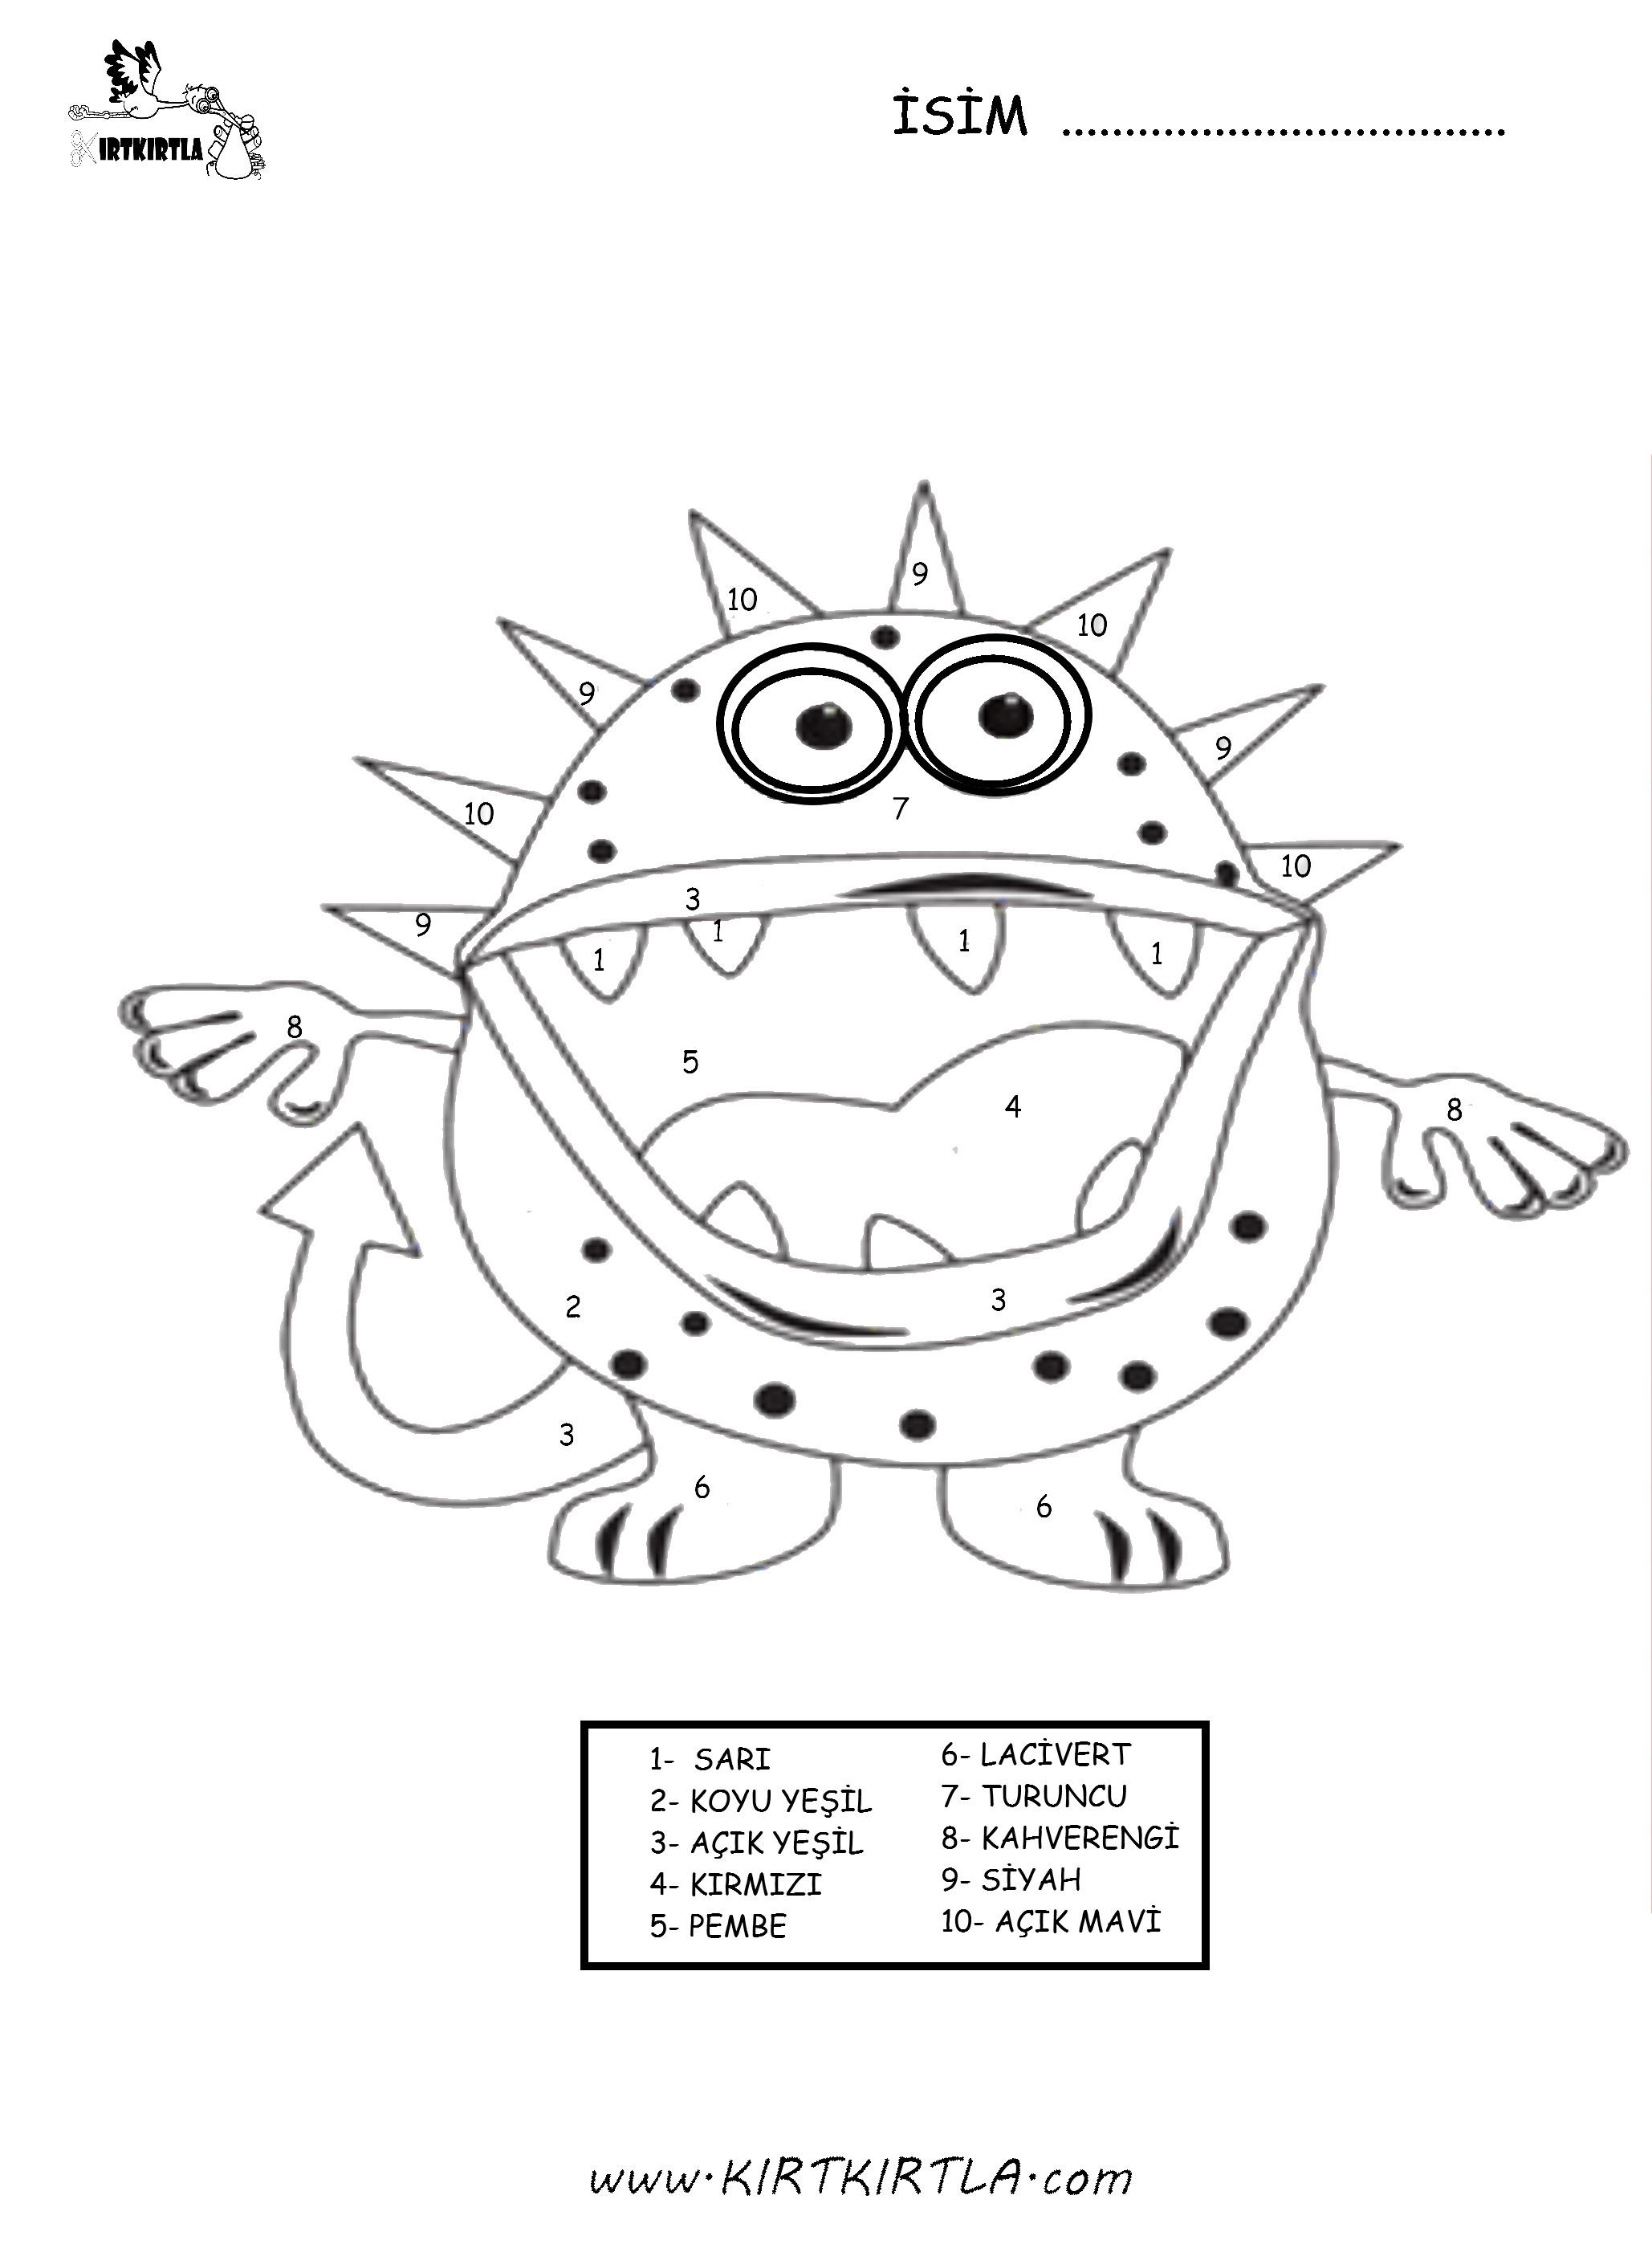 Rakamlarla Boyama Mikrop Okul öncesi Etkinlik Kirtkirtla